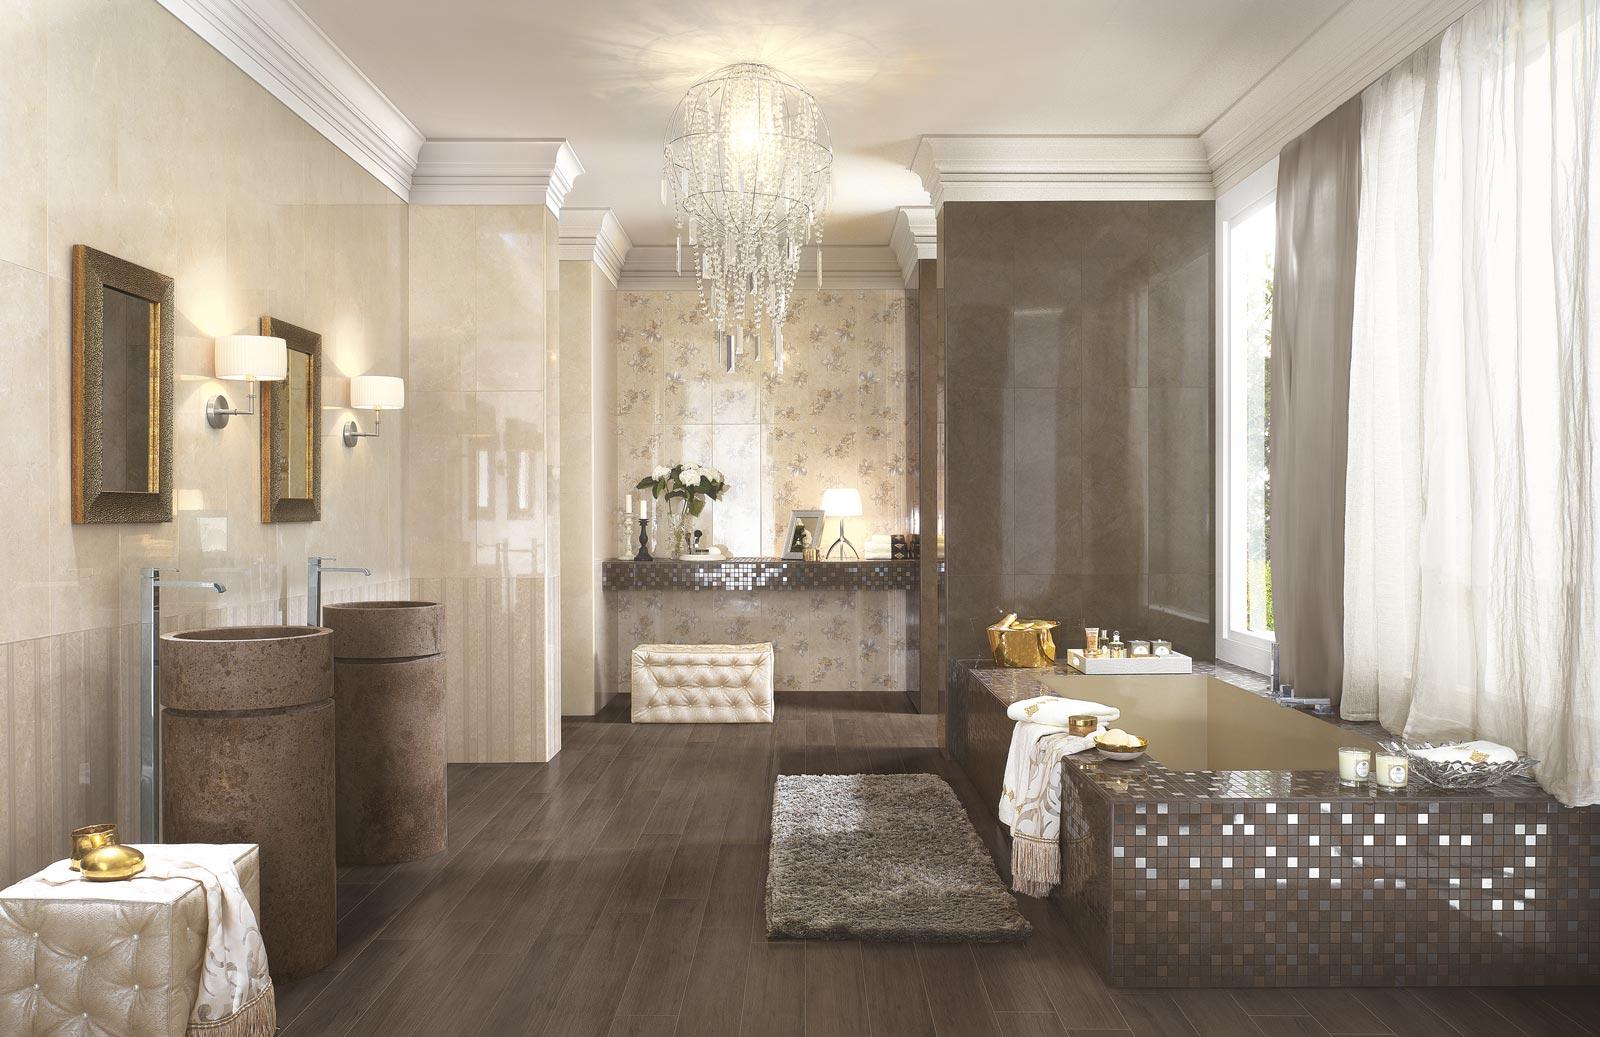 Bagno Di Casa Come Una Spa : Come arredare un bagno di piccole dimensioni